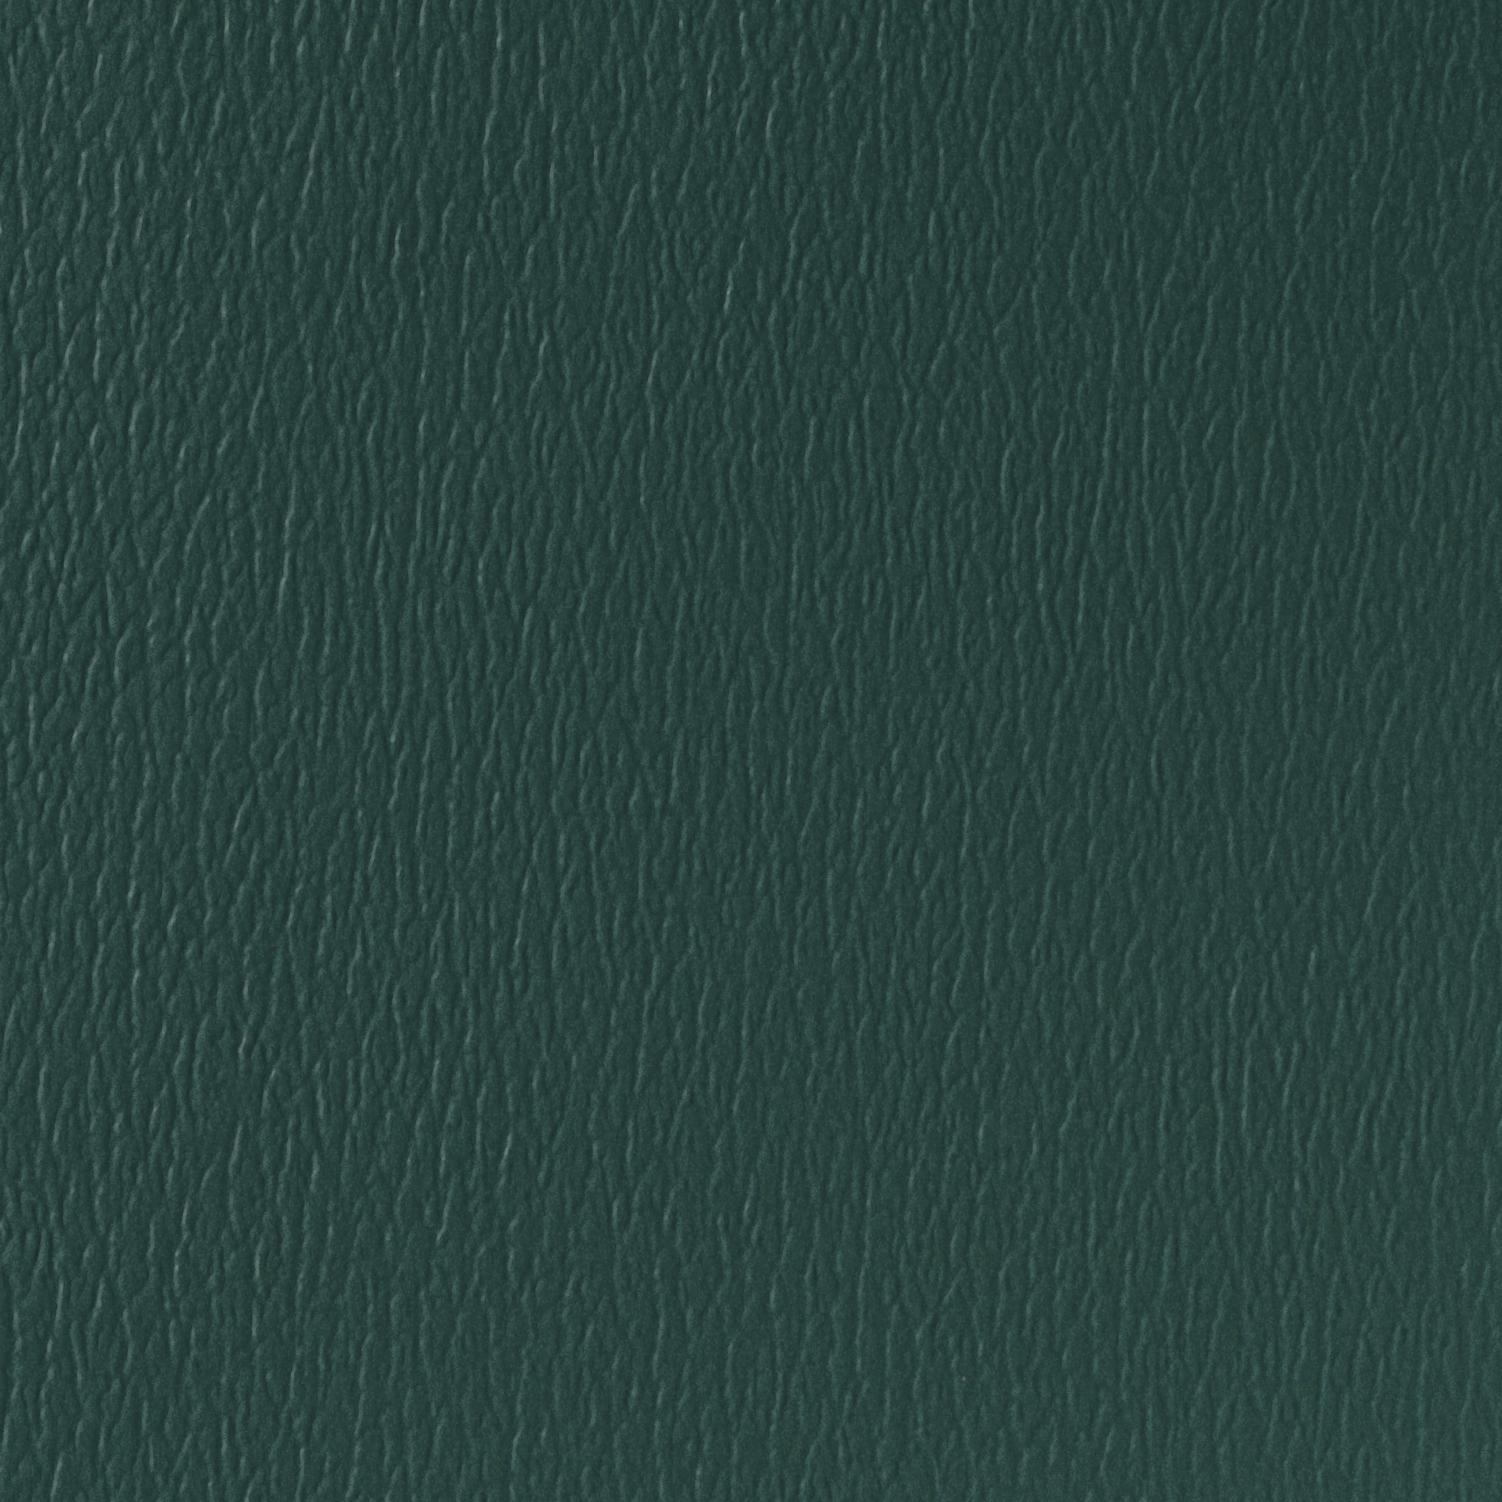 BOTTLE GREEN   PH-51